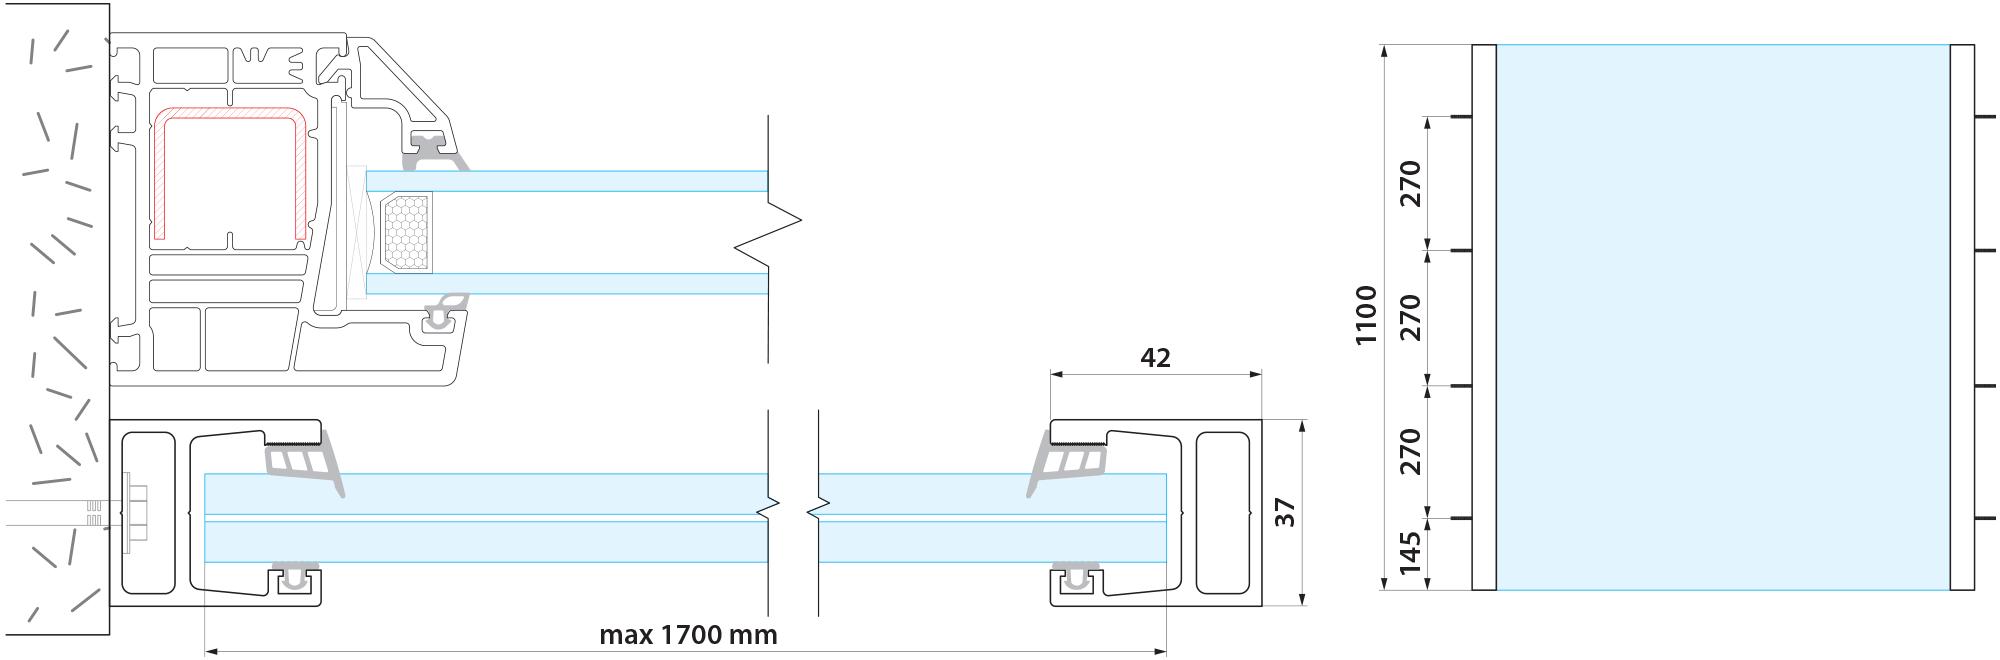 J100 tehnički detalji